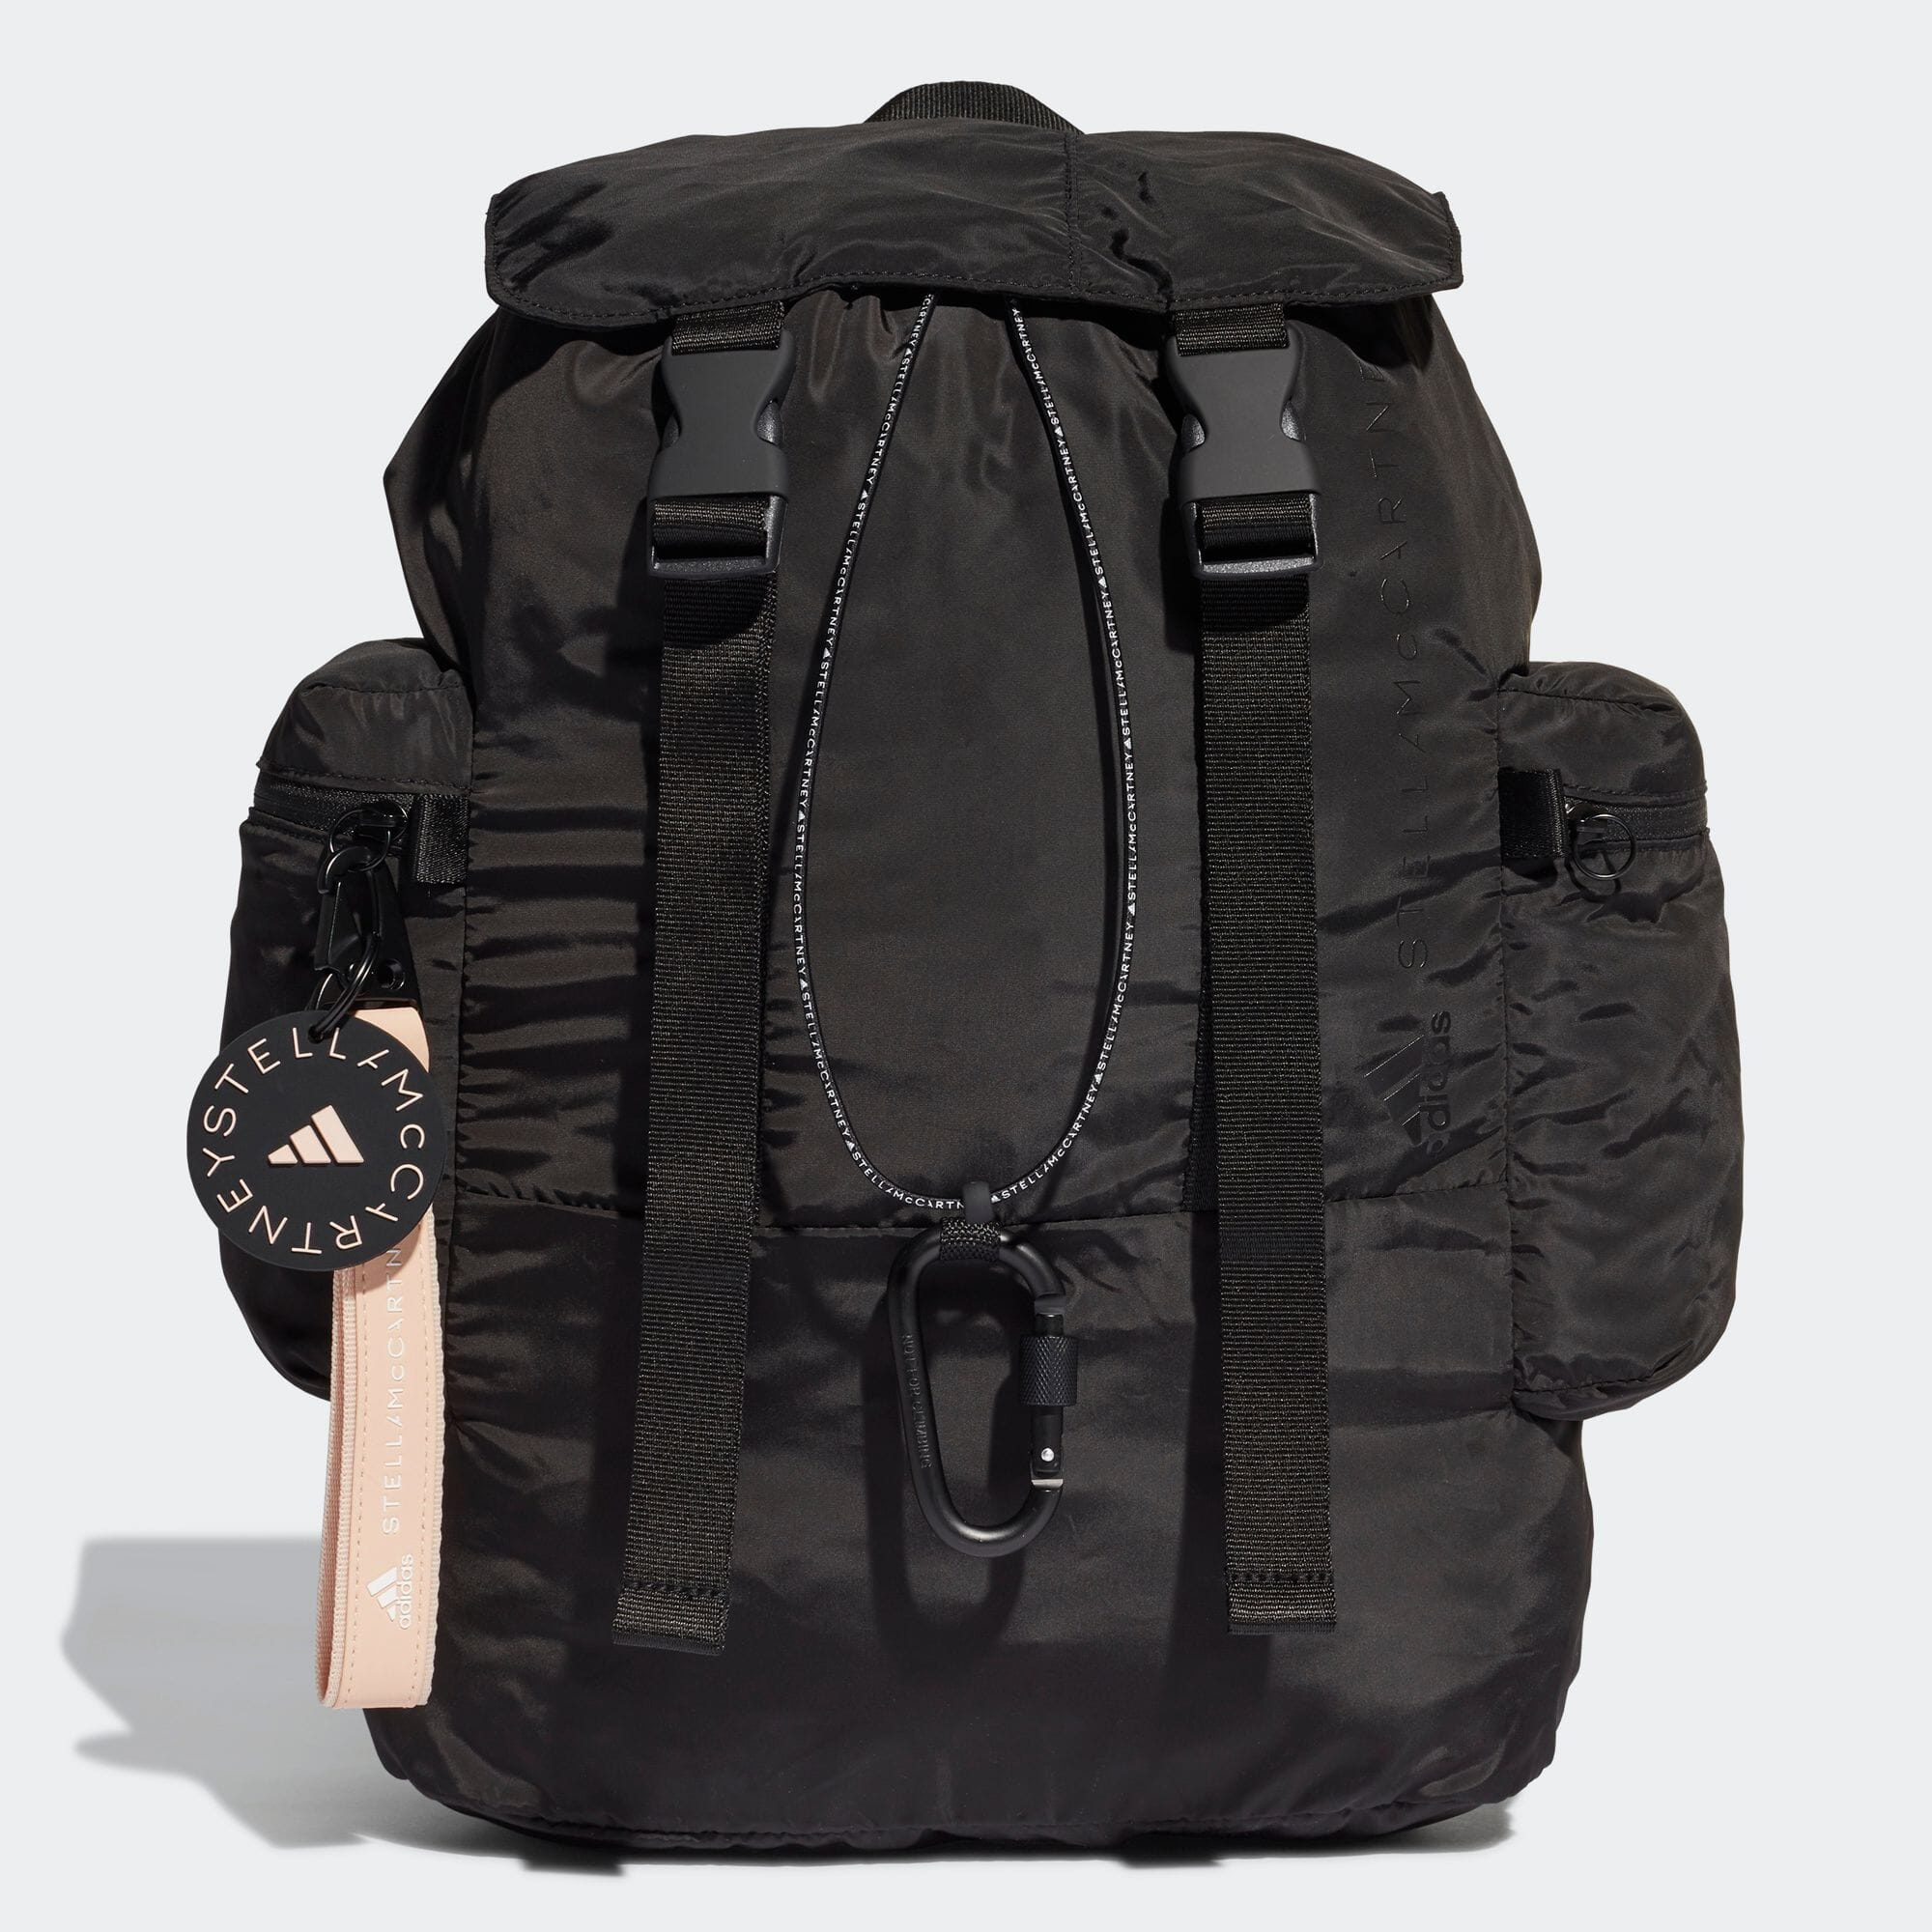 adidas by Stella McCartney バックパック / adidas by Stella McCartney Backpack